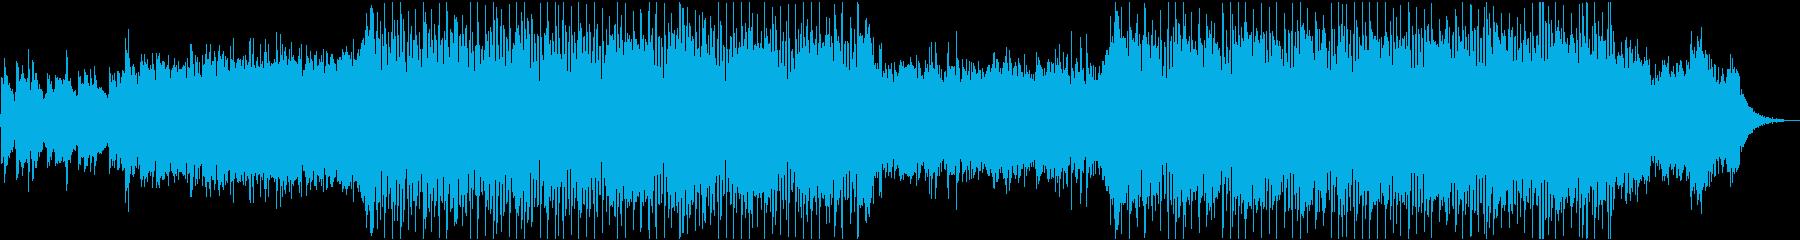 少し冷たい雰囲気のチルアウトBGMの再生済みの波形